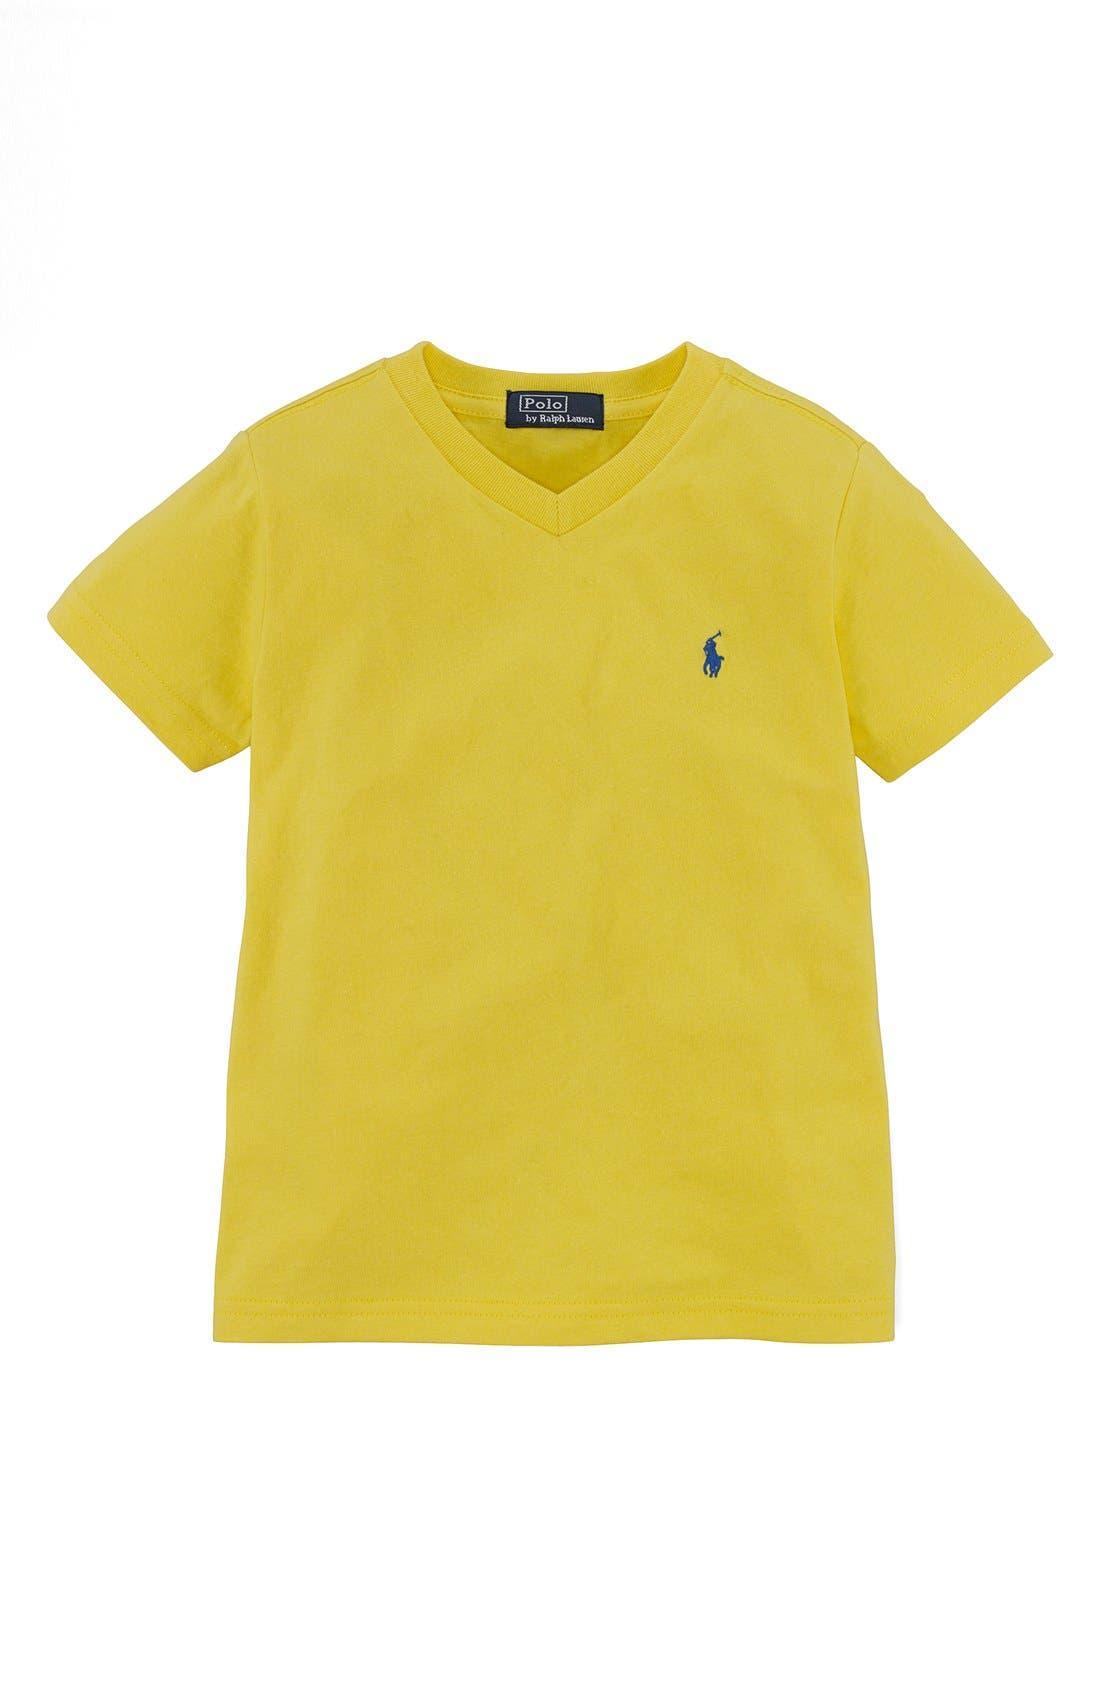 Alternate Image 1 Selected - Ralph Lauren V-Neck T-Shirt (Toddler Boys)